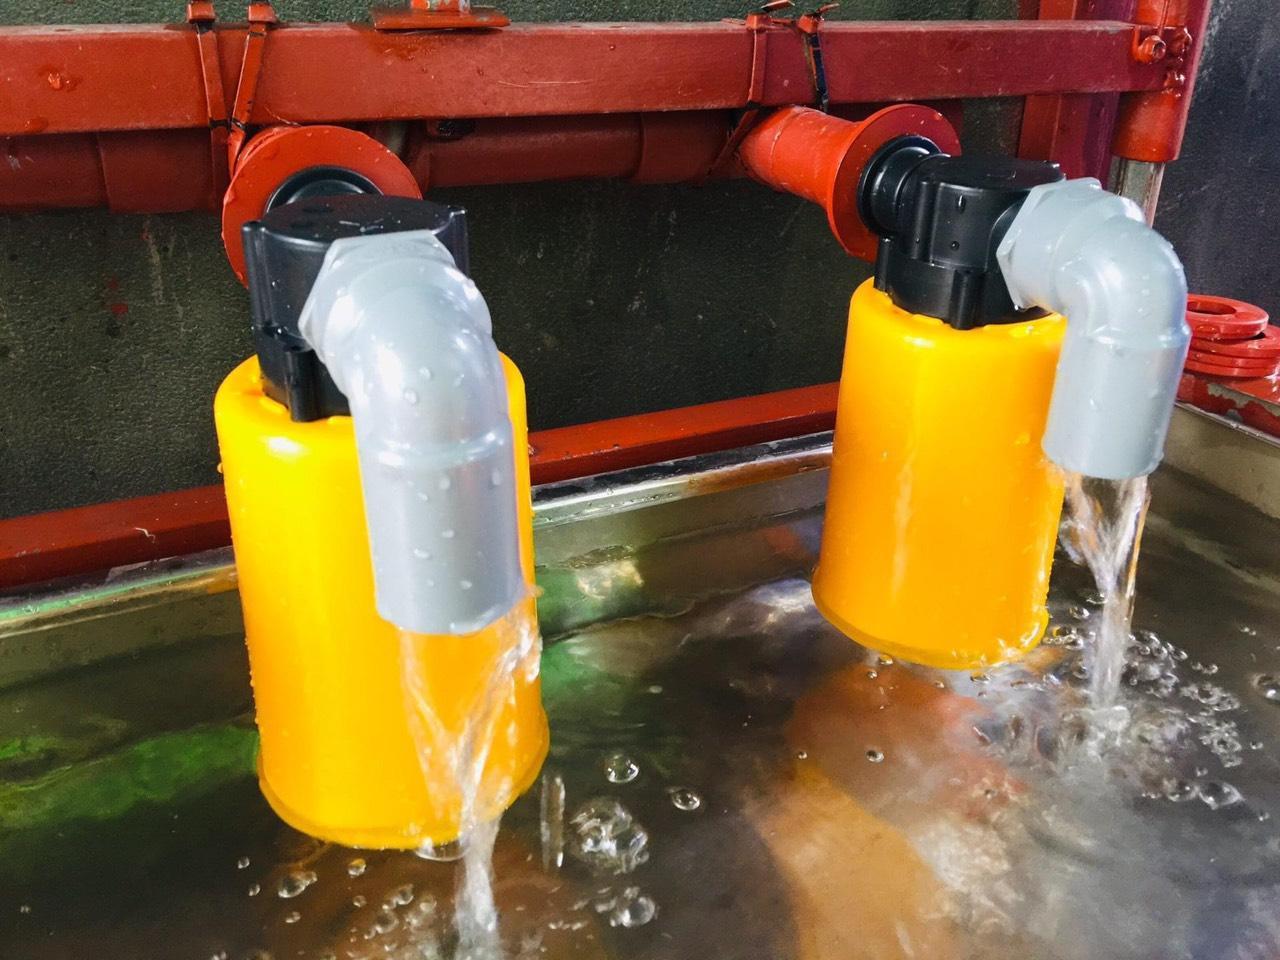 Van phao cơ chống tràn giúp điều hoà nước sử dụng được ổn định hơn